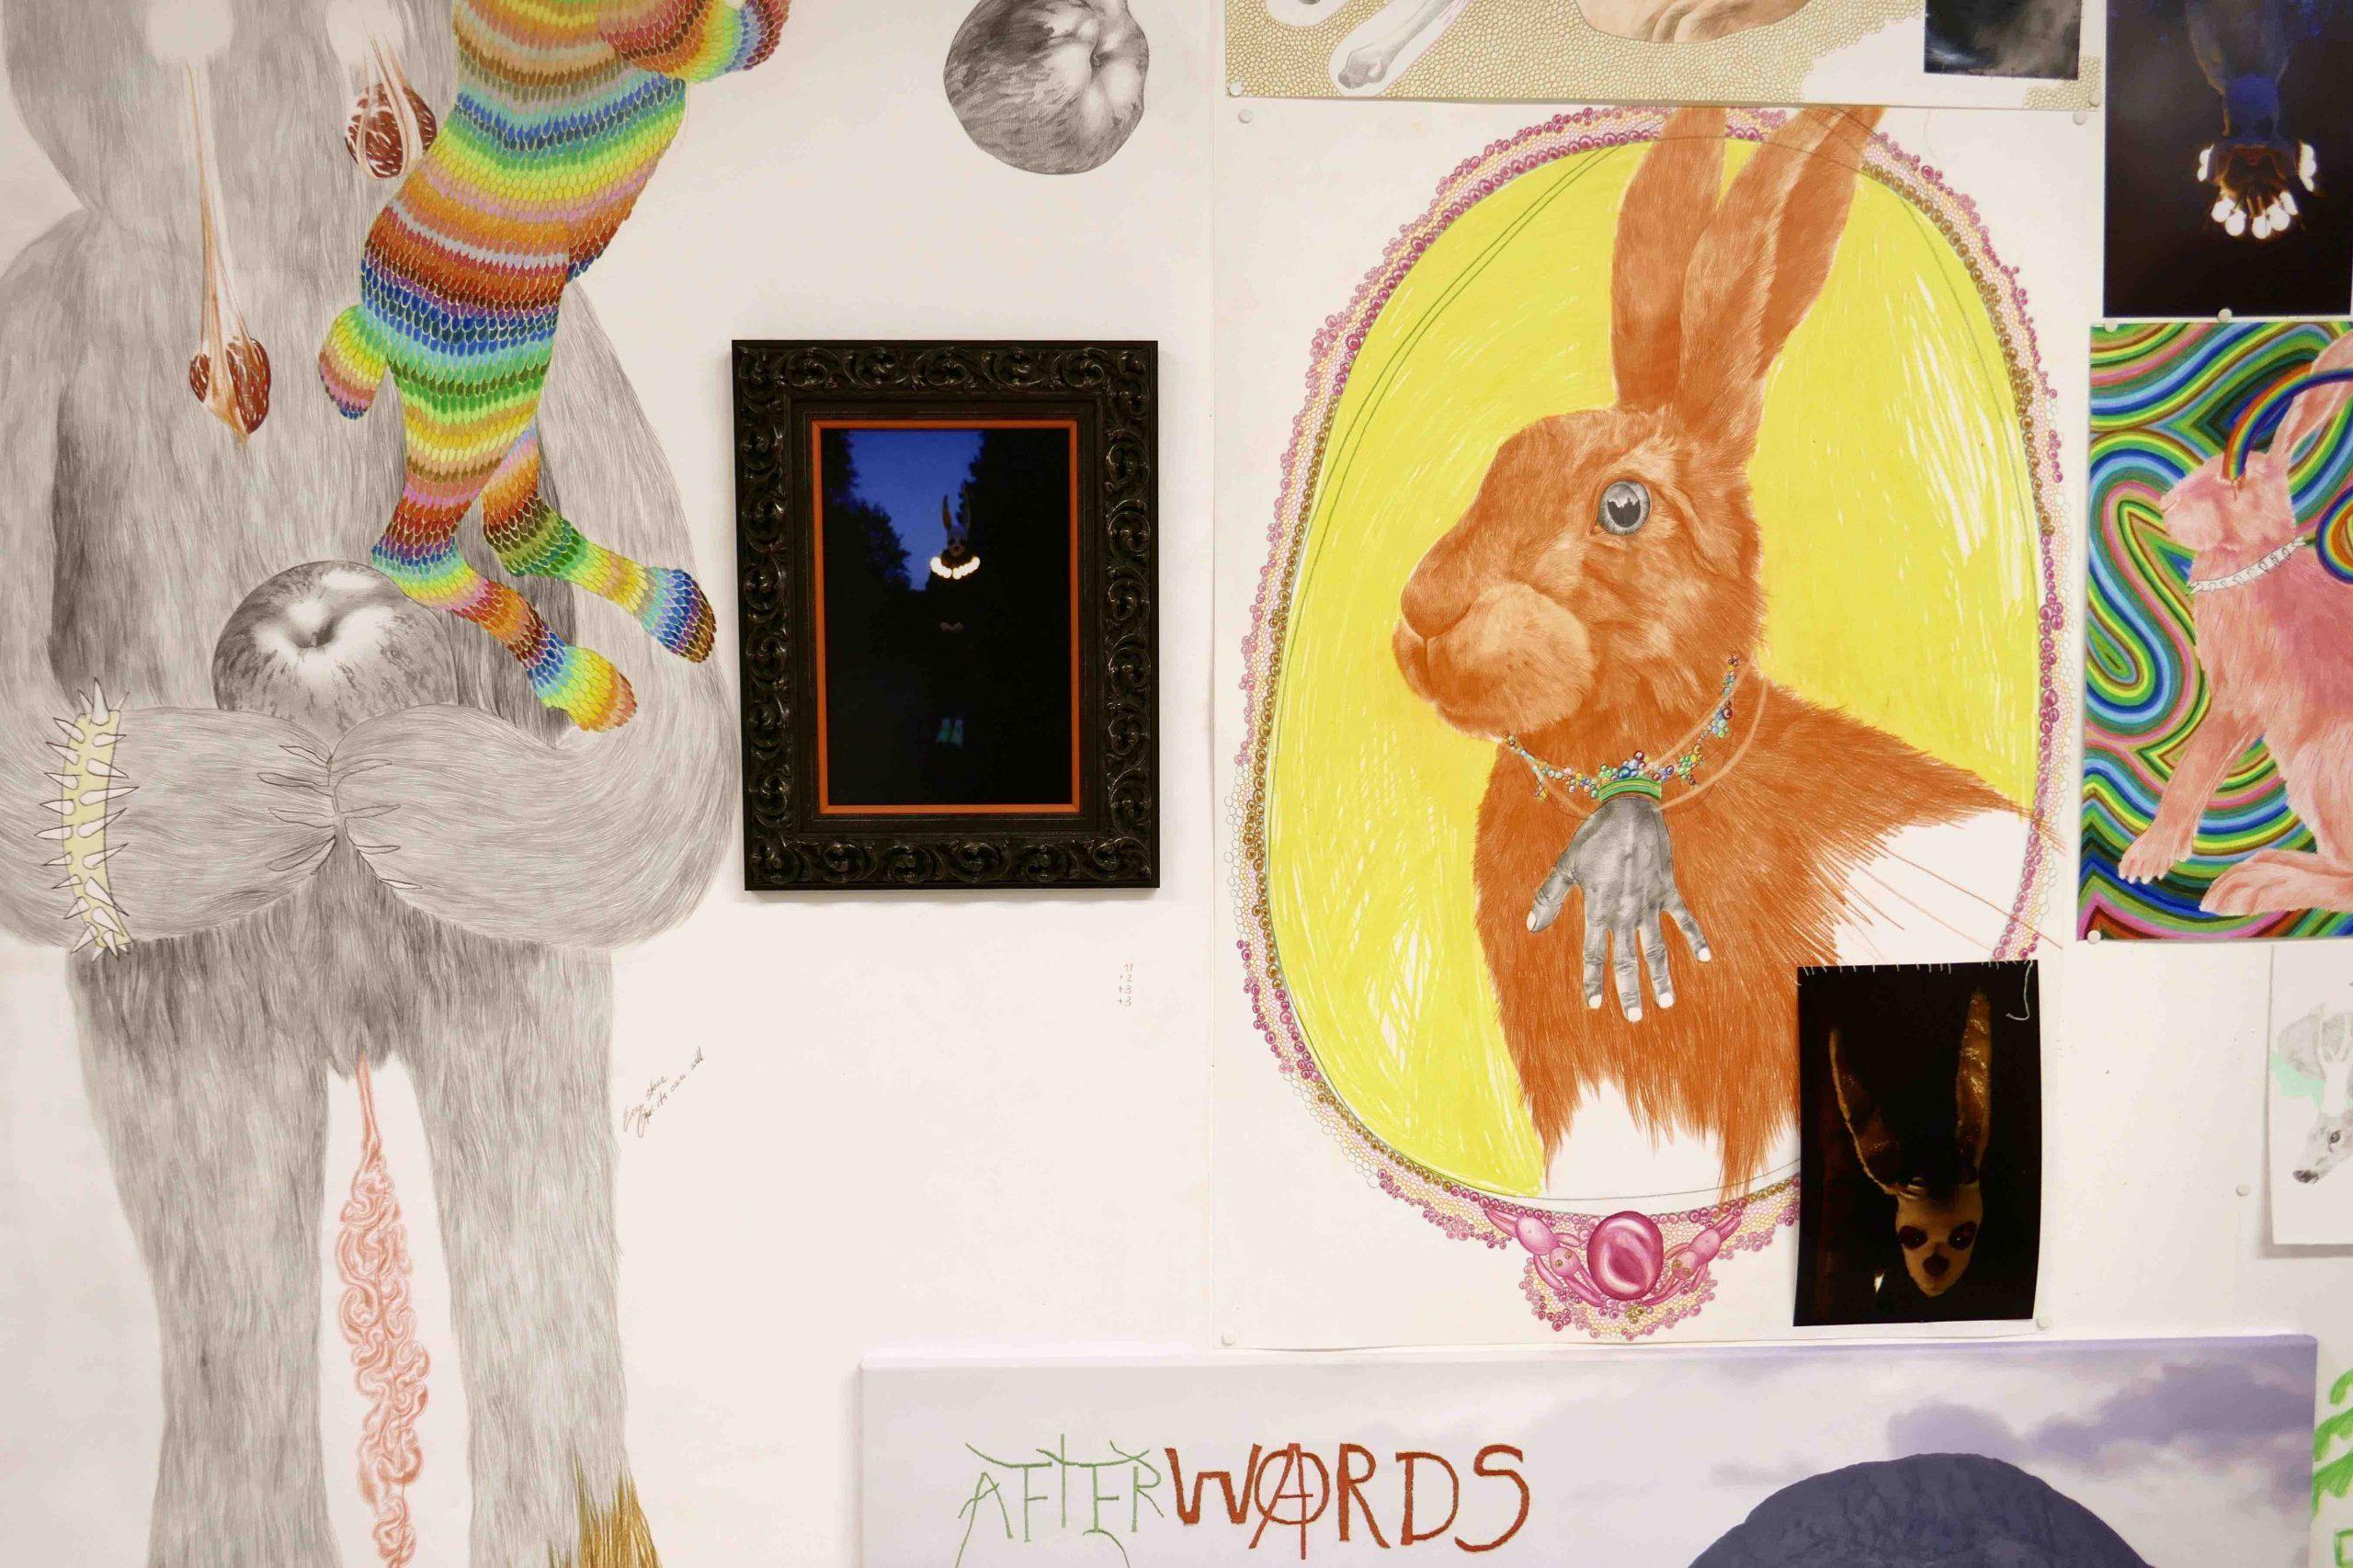 Brynhild Grødeland Winther – Haren: Words are animal traps